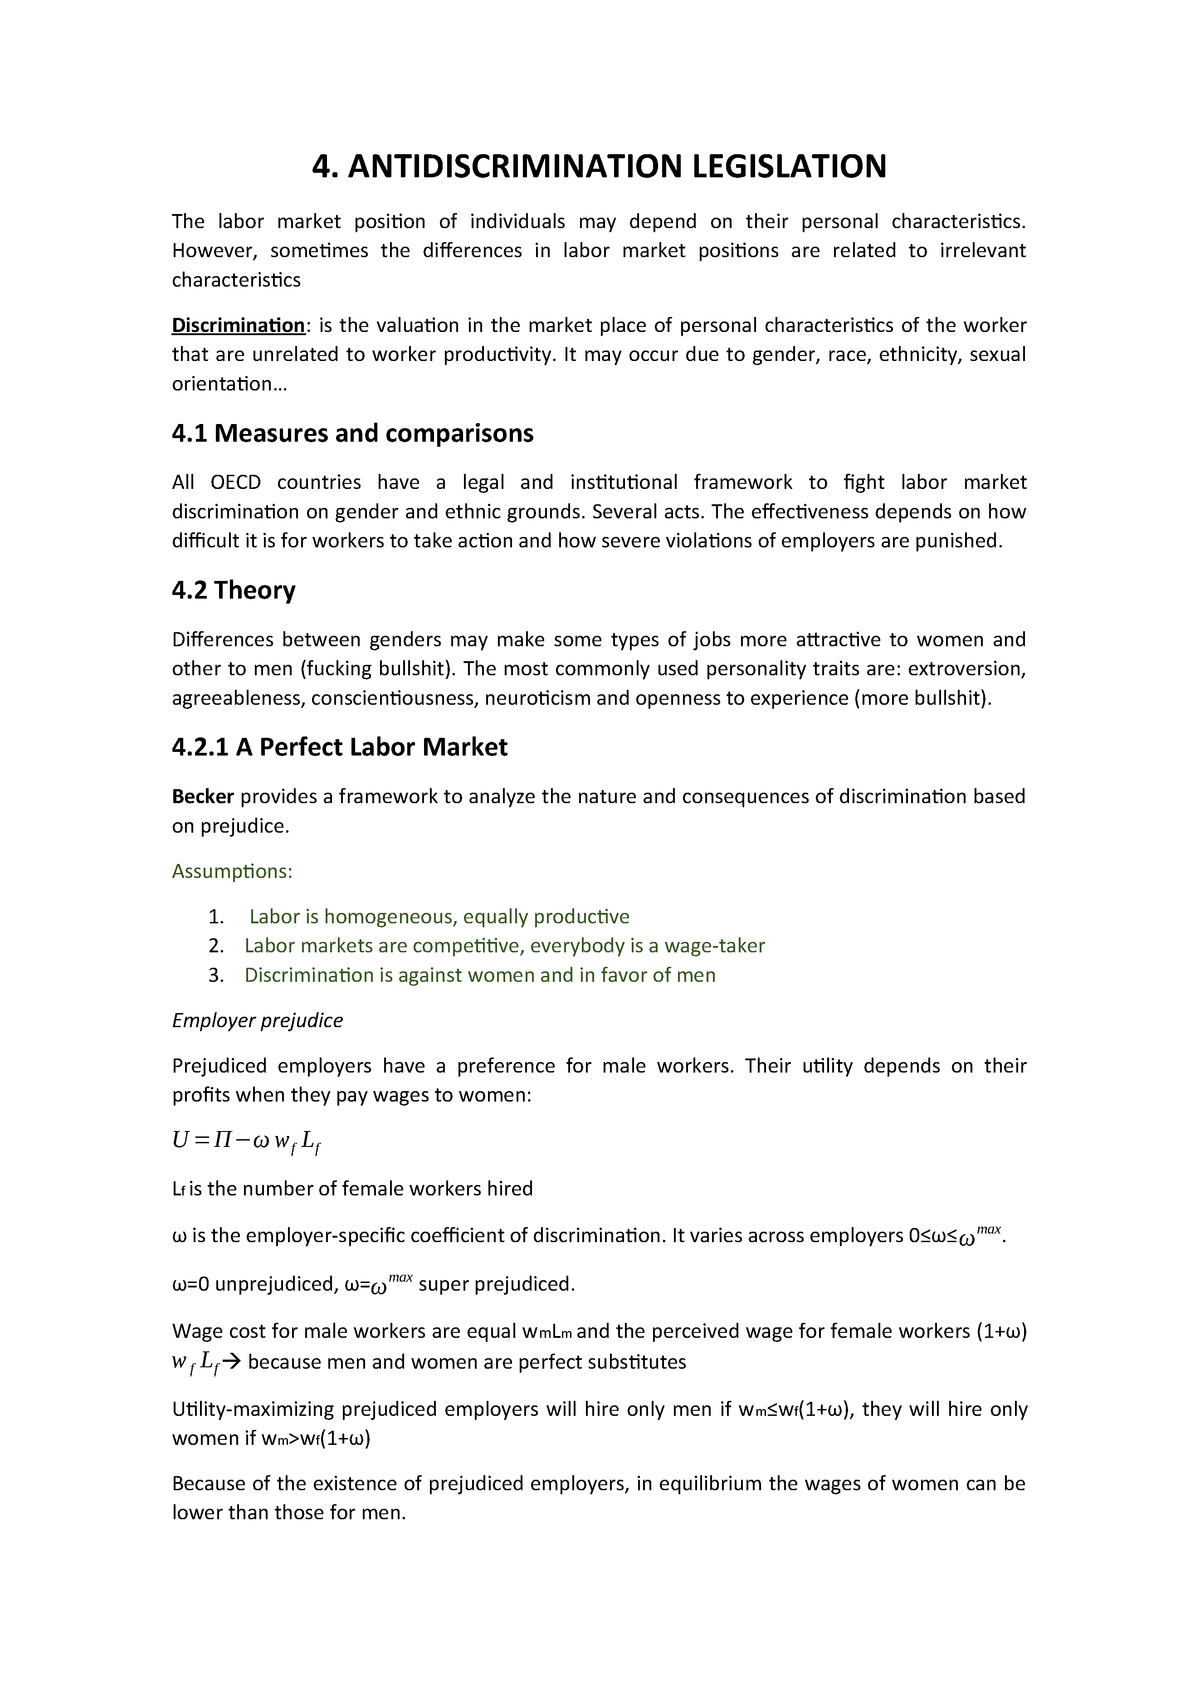 4. Antidiscrimination Legislation - EBC2096 - StuDocu